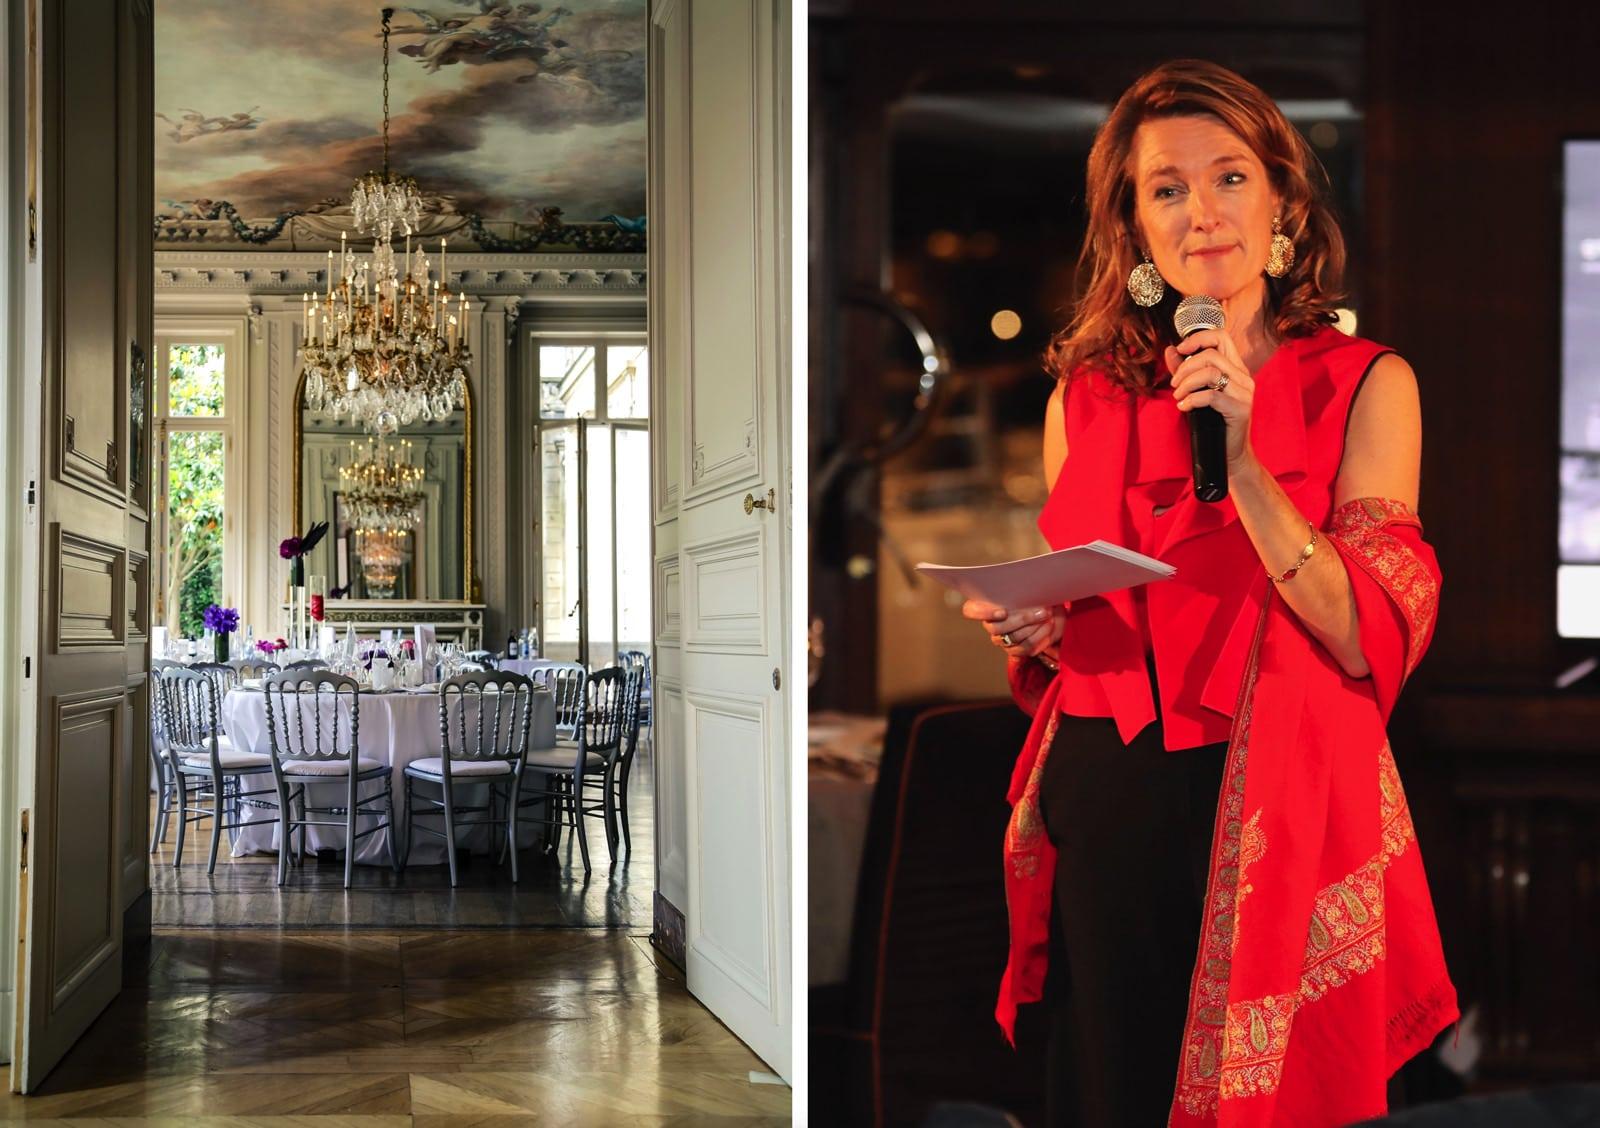 Photographe entreprise et corporate, spécialisé dans la mise en image de vos évènements particuliers et corporate à Paris (75), en France et à l'International